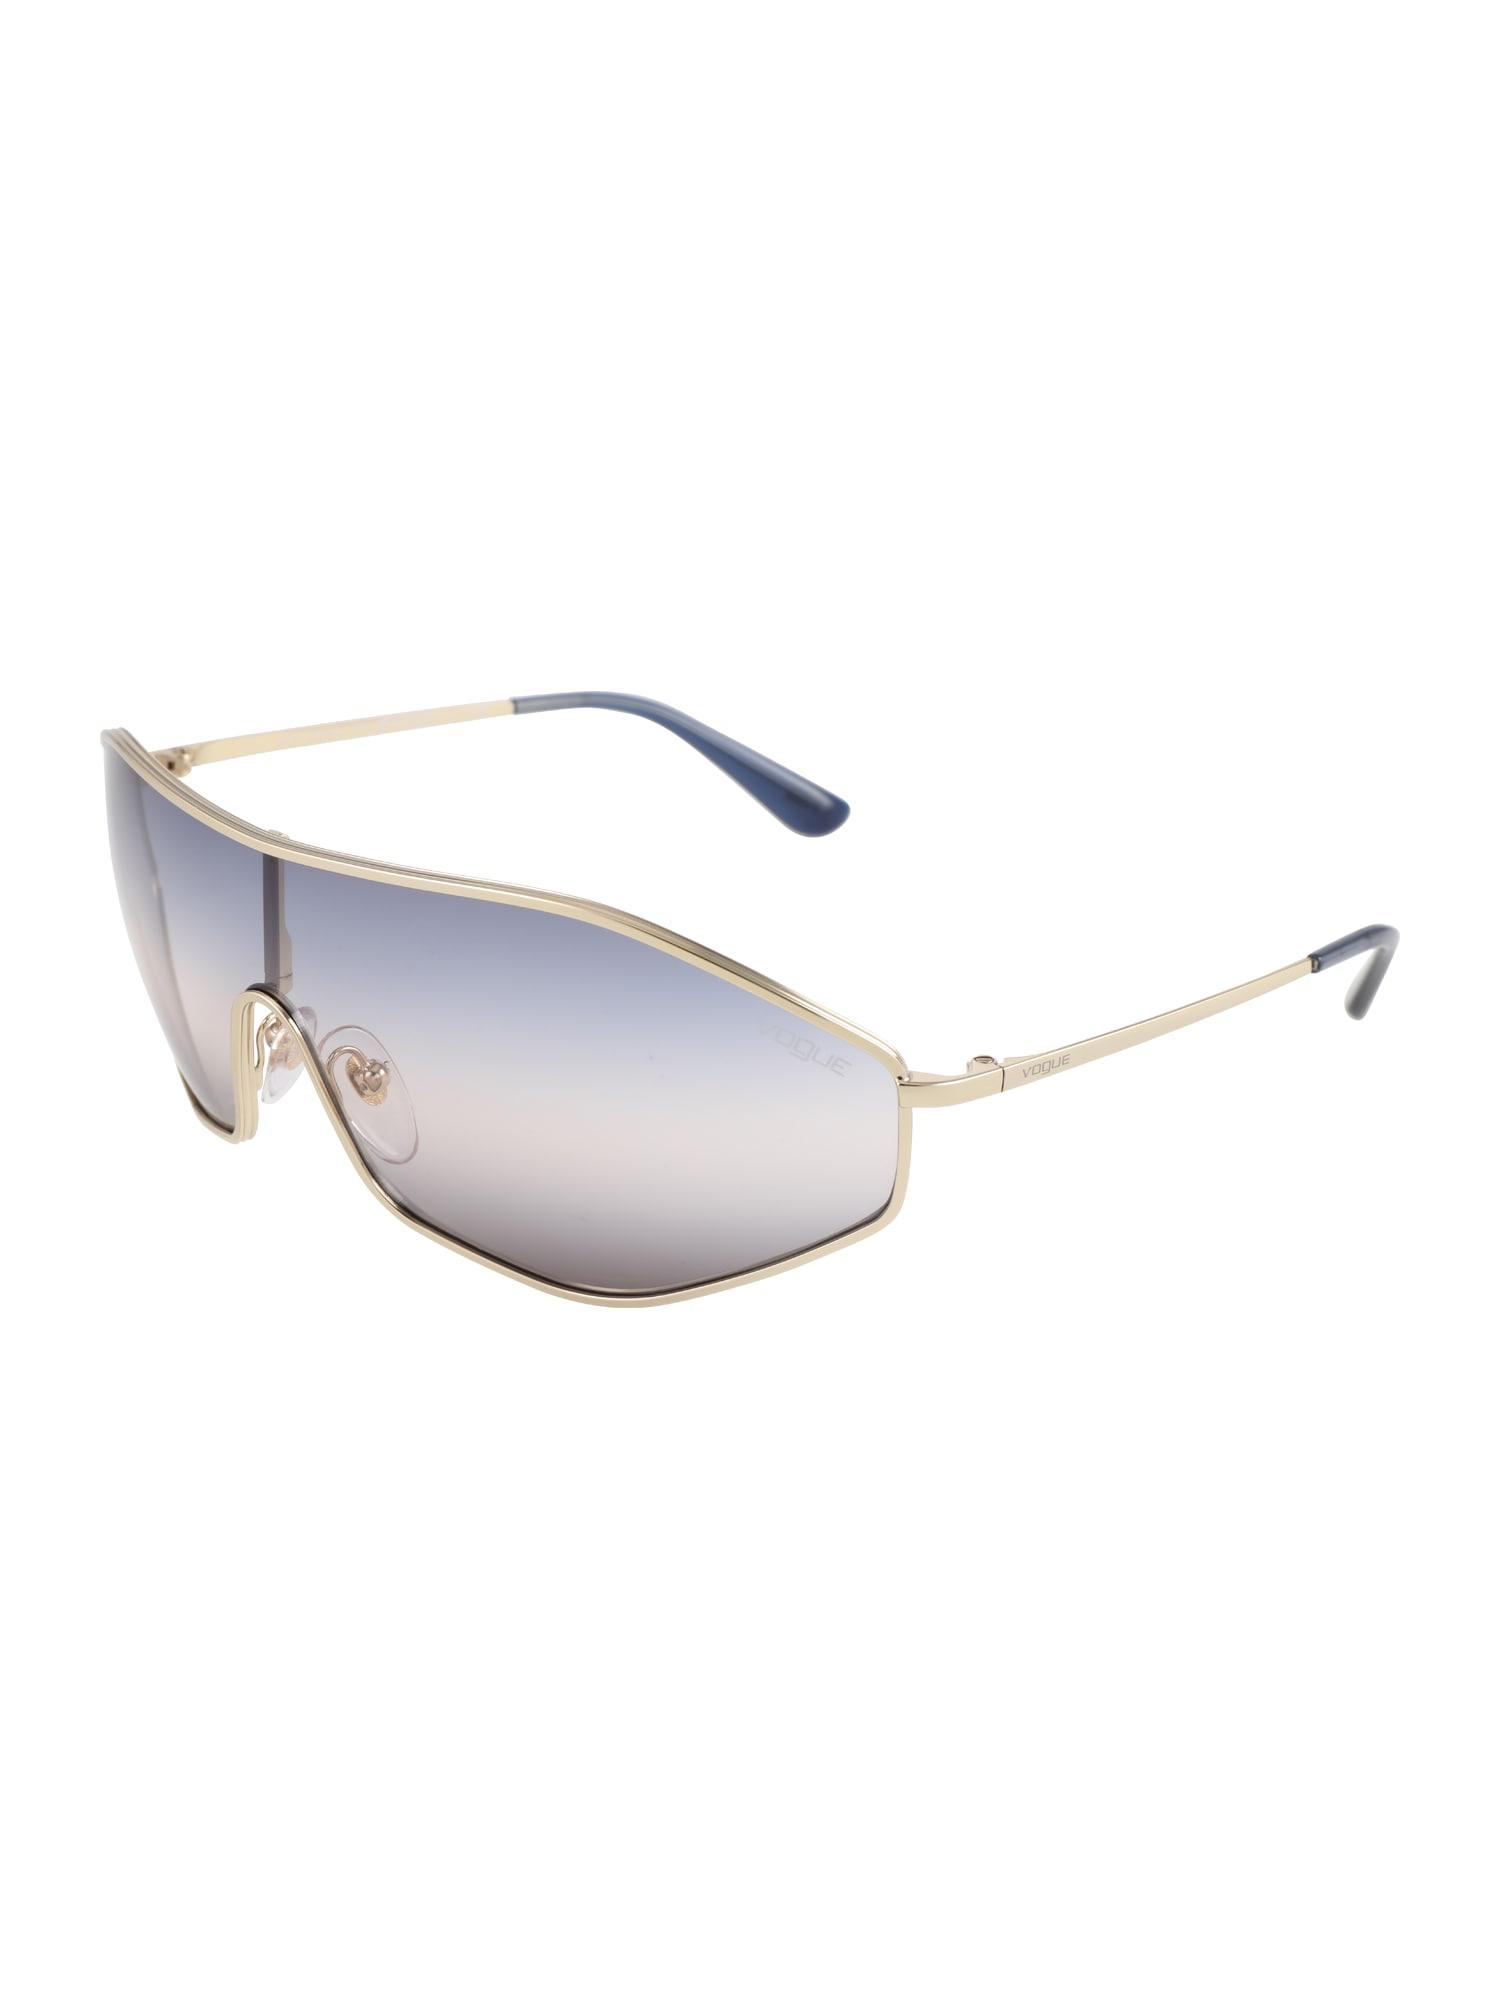 Sluneční brýle G-VISION zlatá VOGUE Eyewear